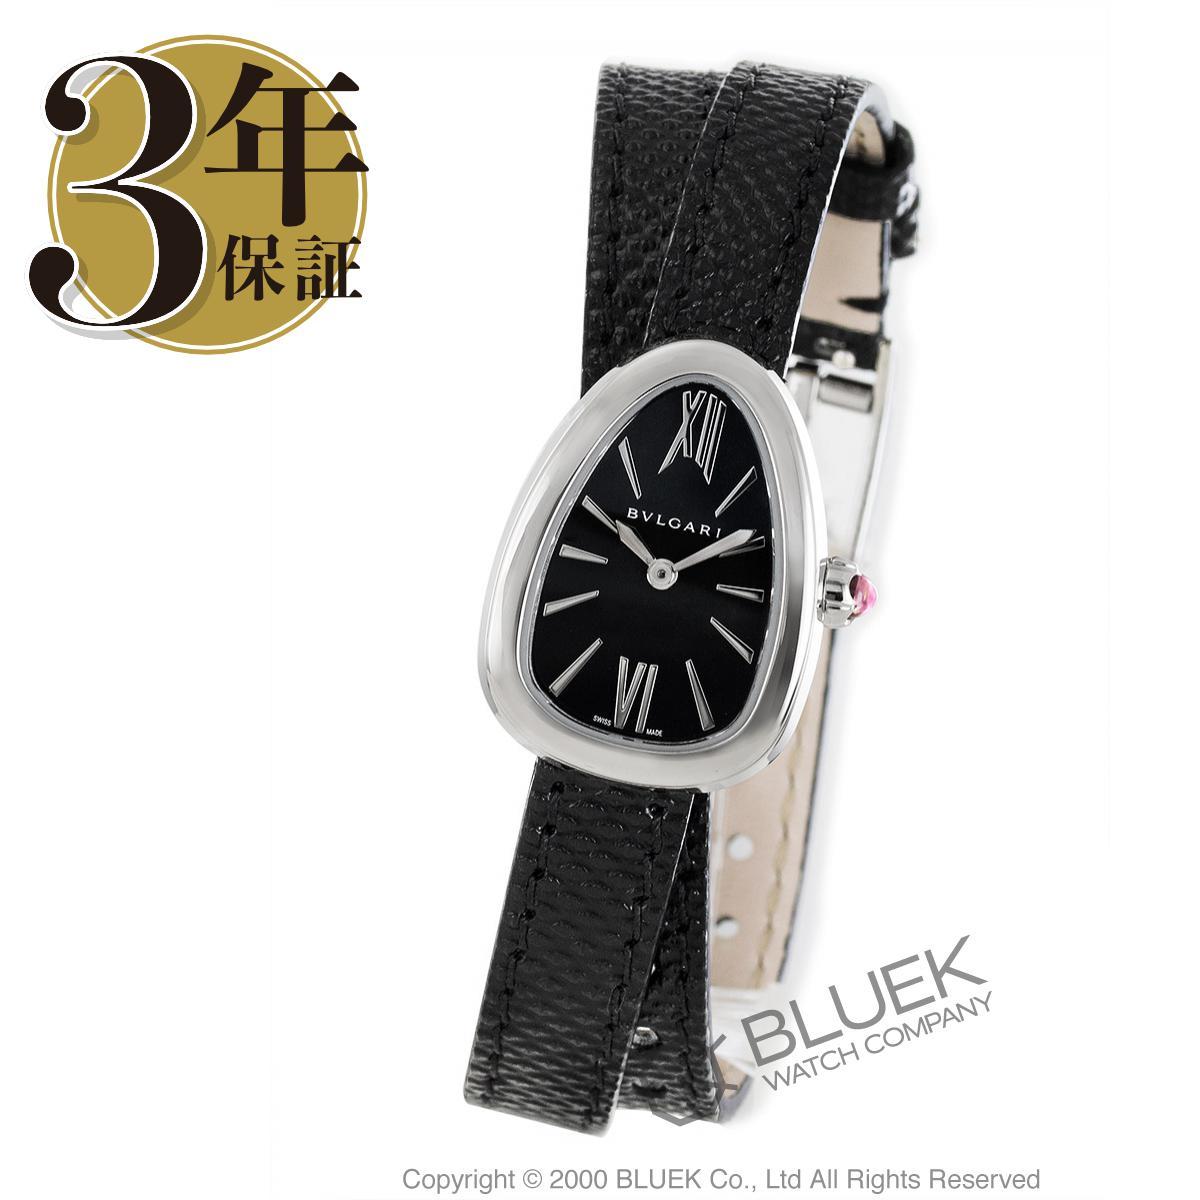 【最大3万円割引クーポン 11/01~】ブルガリ セルペンティ カルングレザー 腕時計 レディース BVLGARI SPS27BSL_8